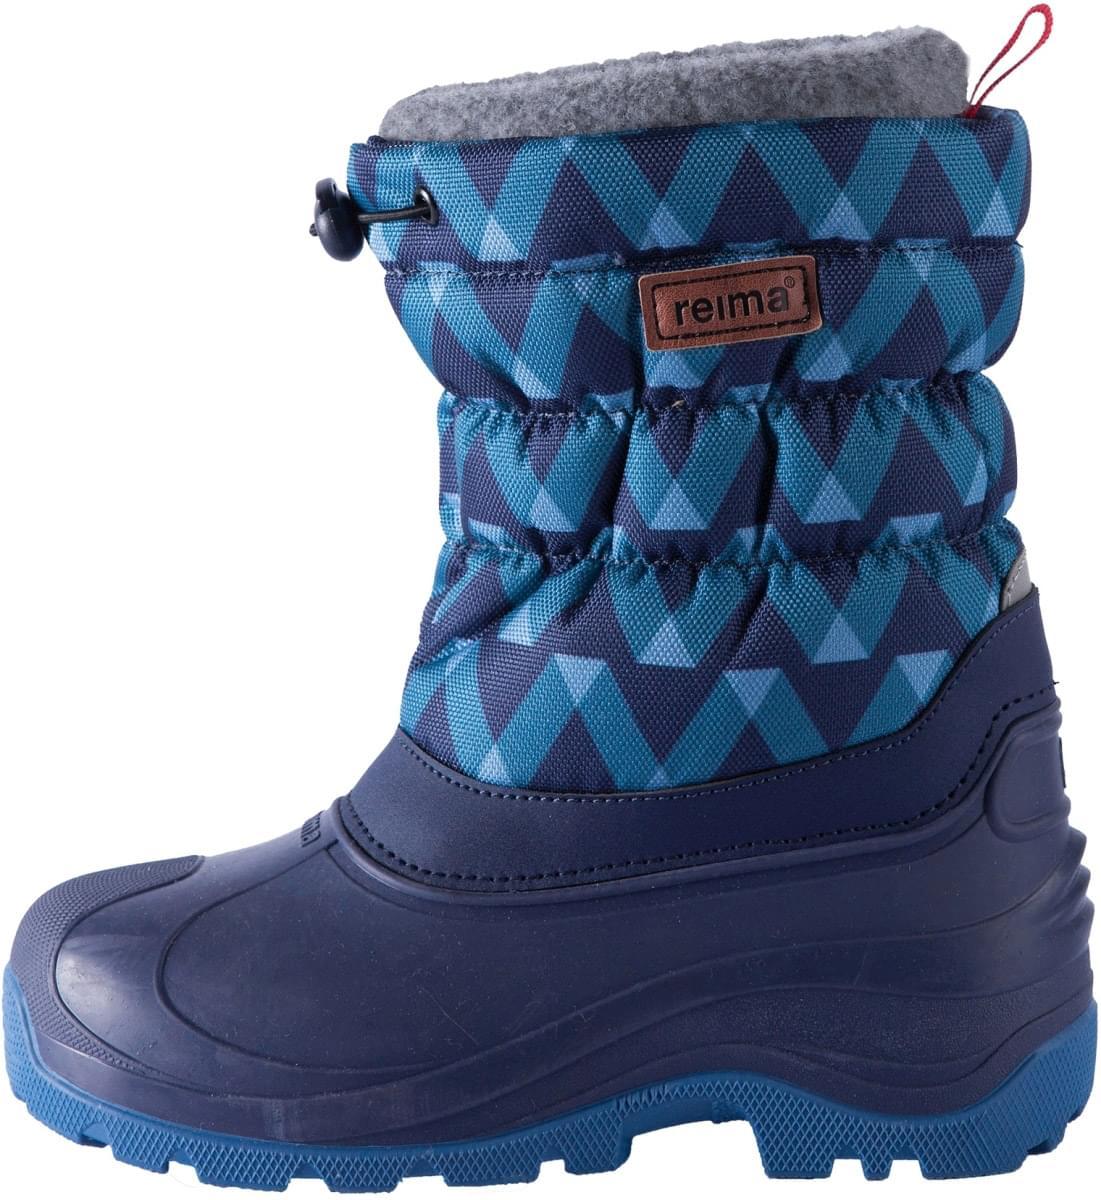 Dětské zimní boty Reima Ivalo - Navy - Skibi Kids 73d5d96cdf